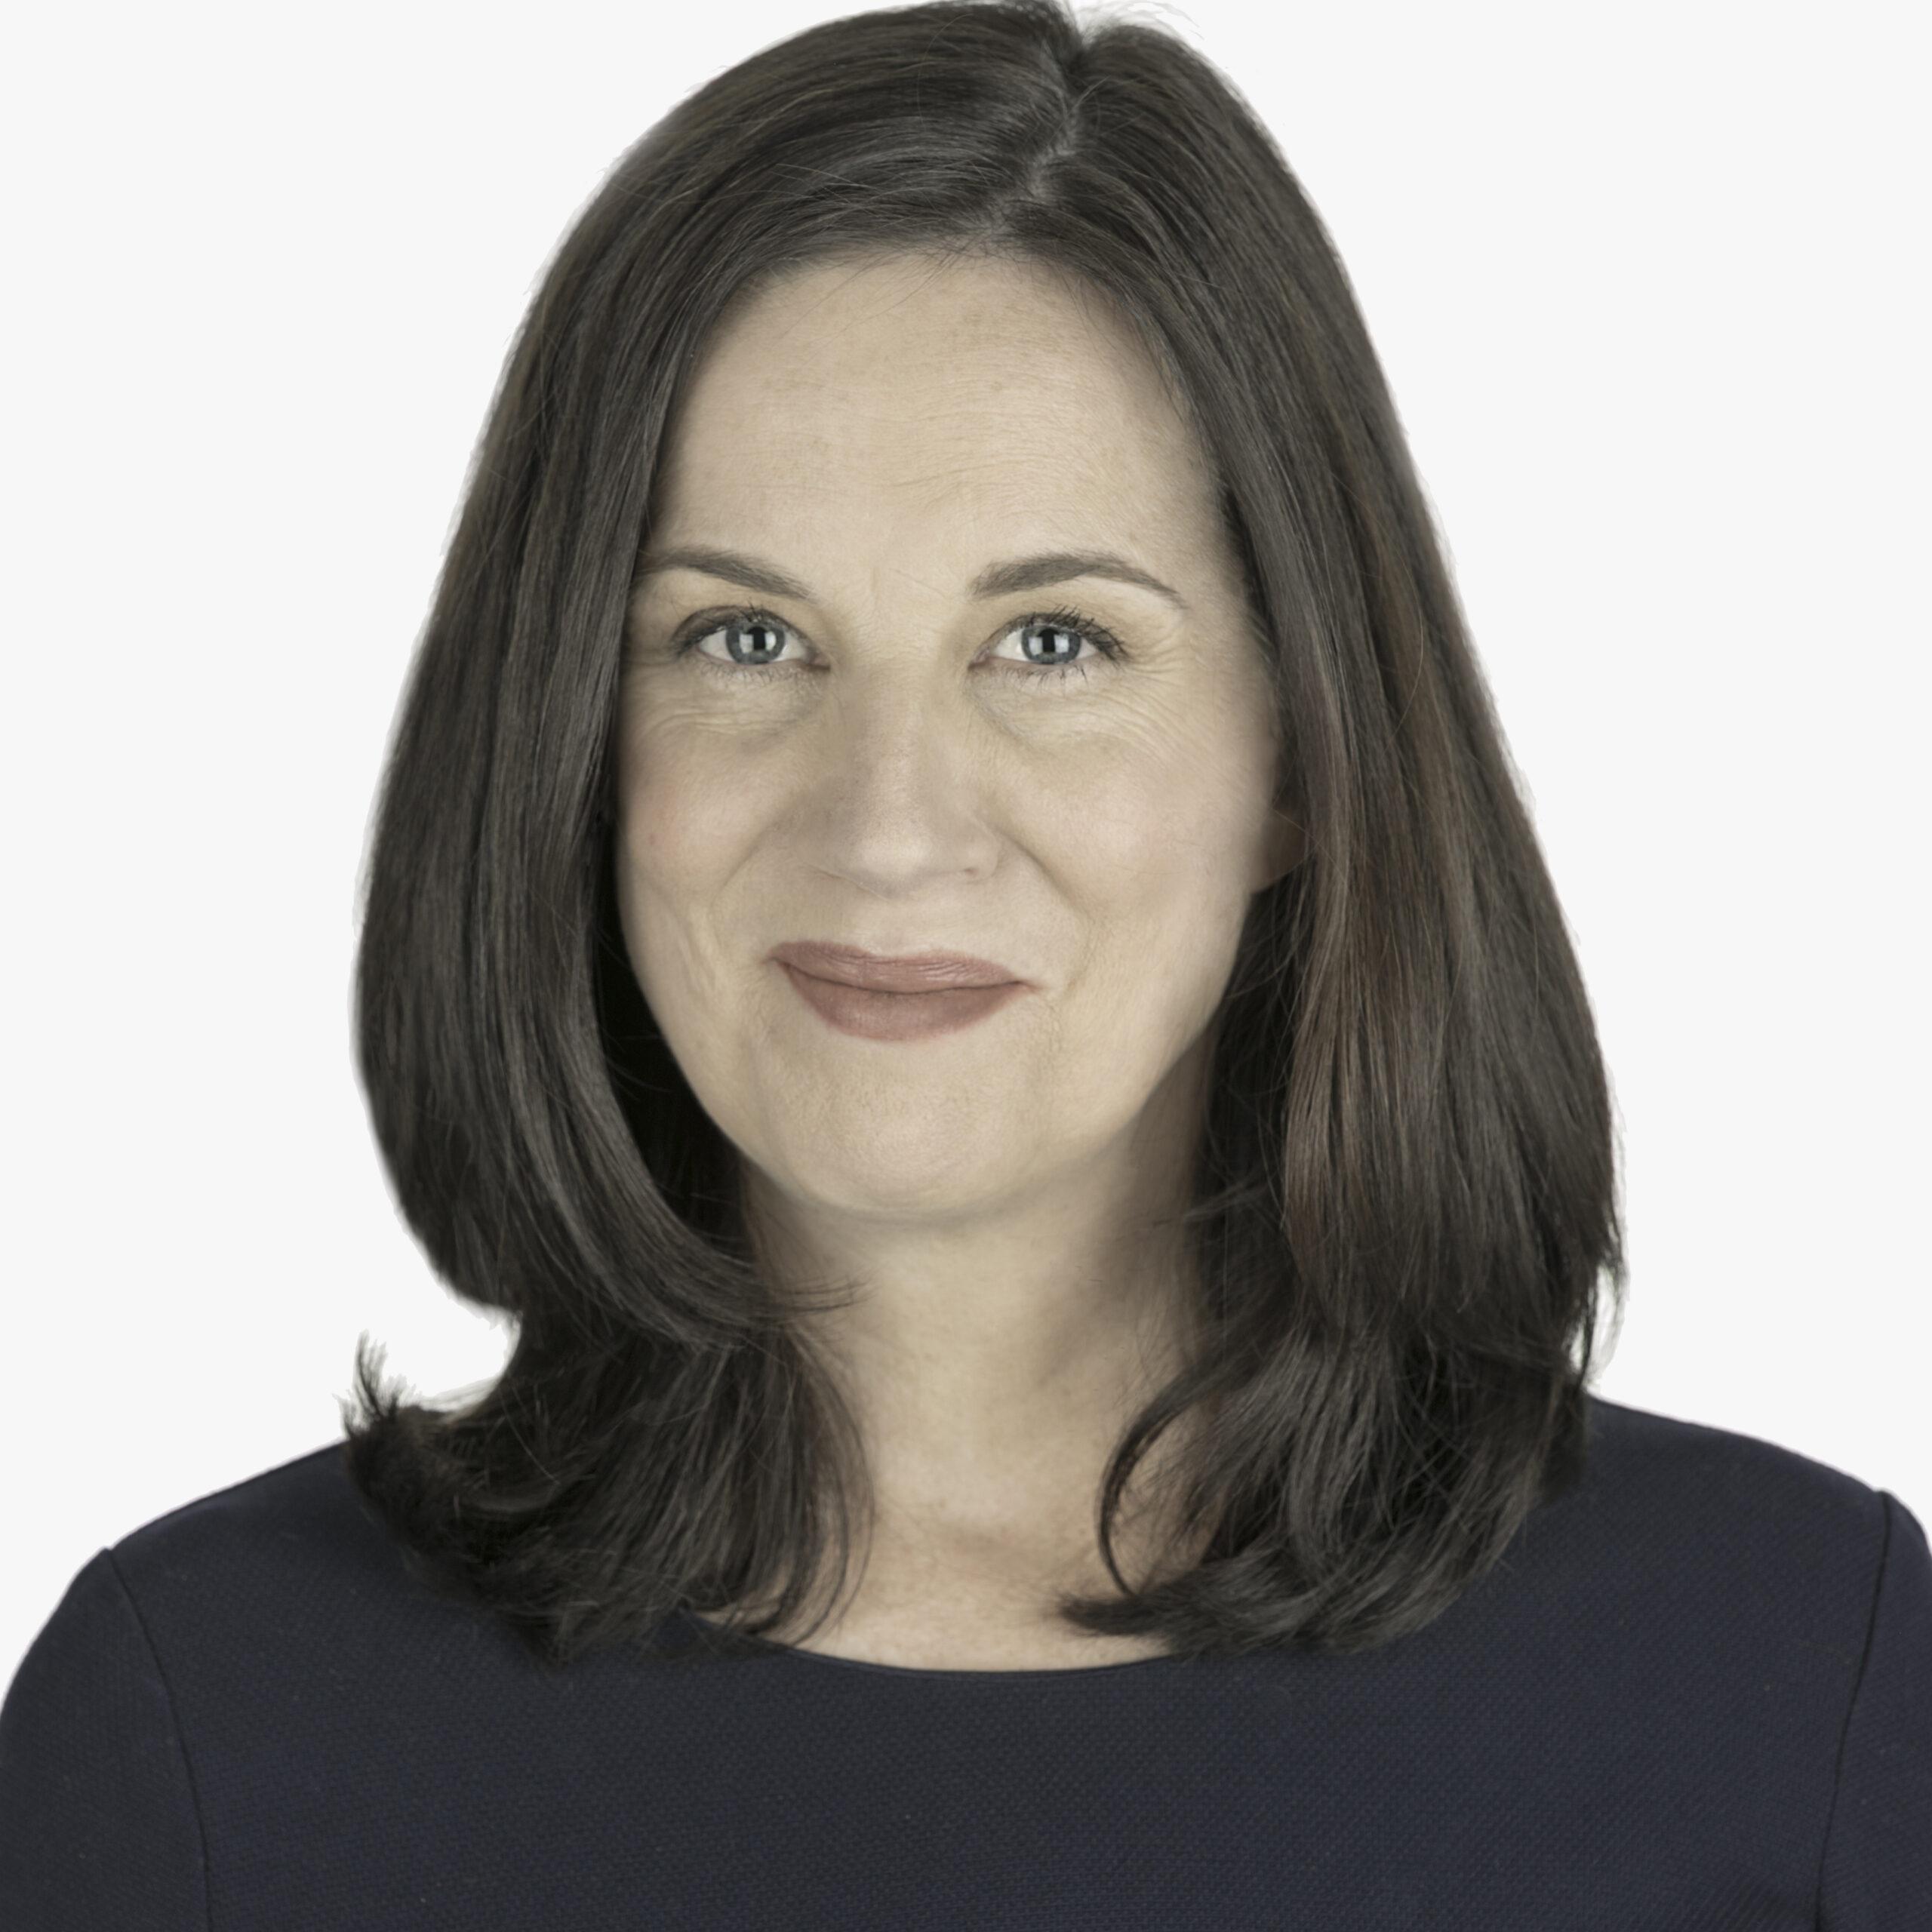 Natalie O'Brien AM